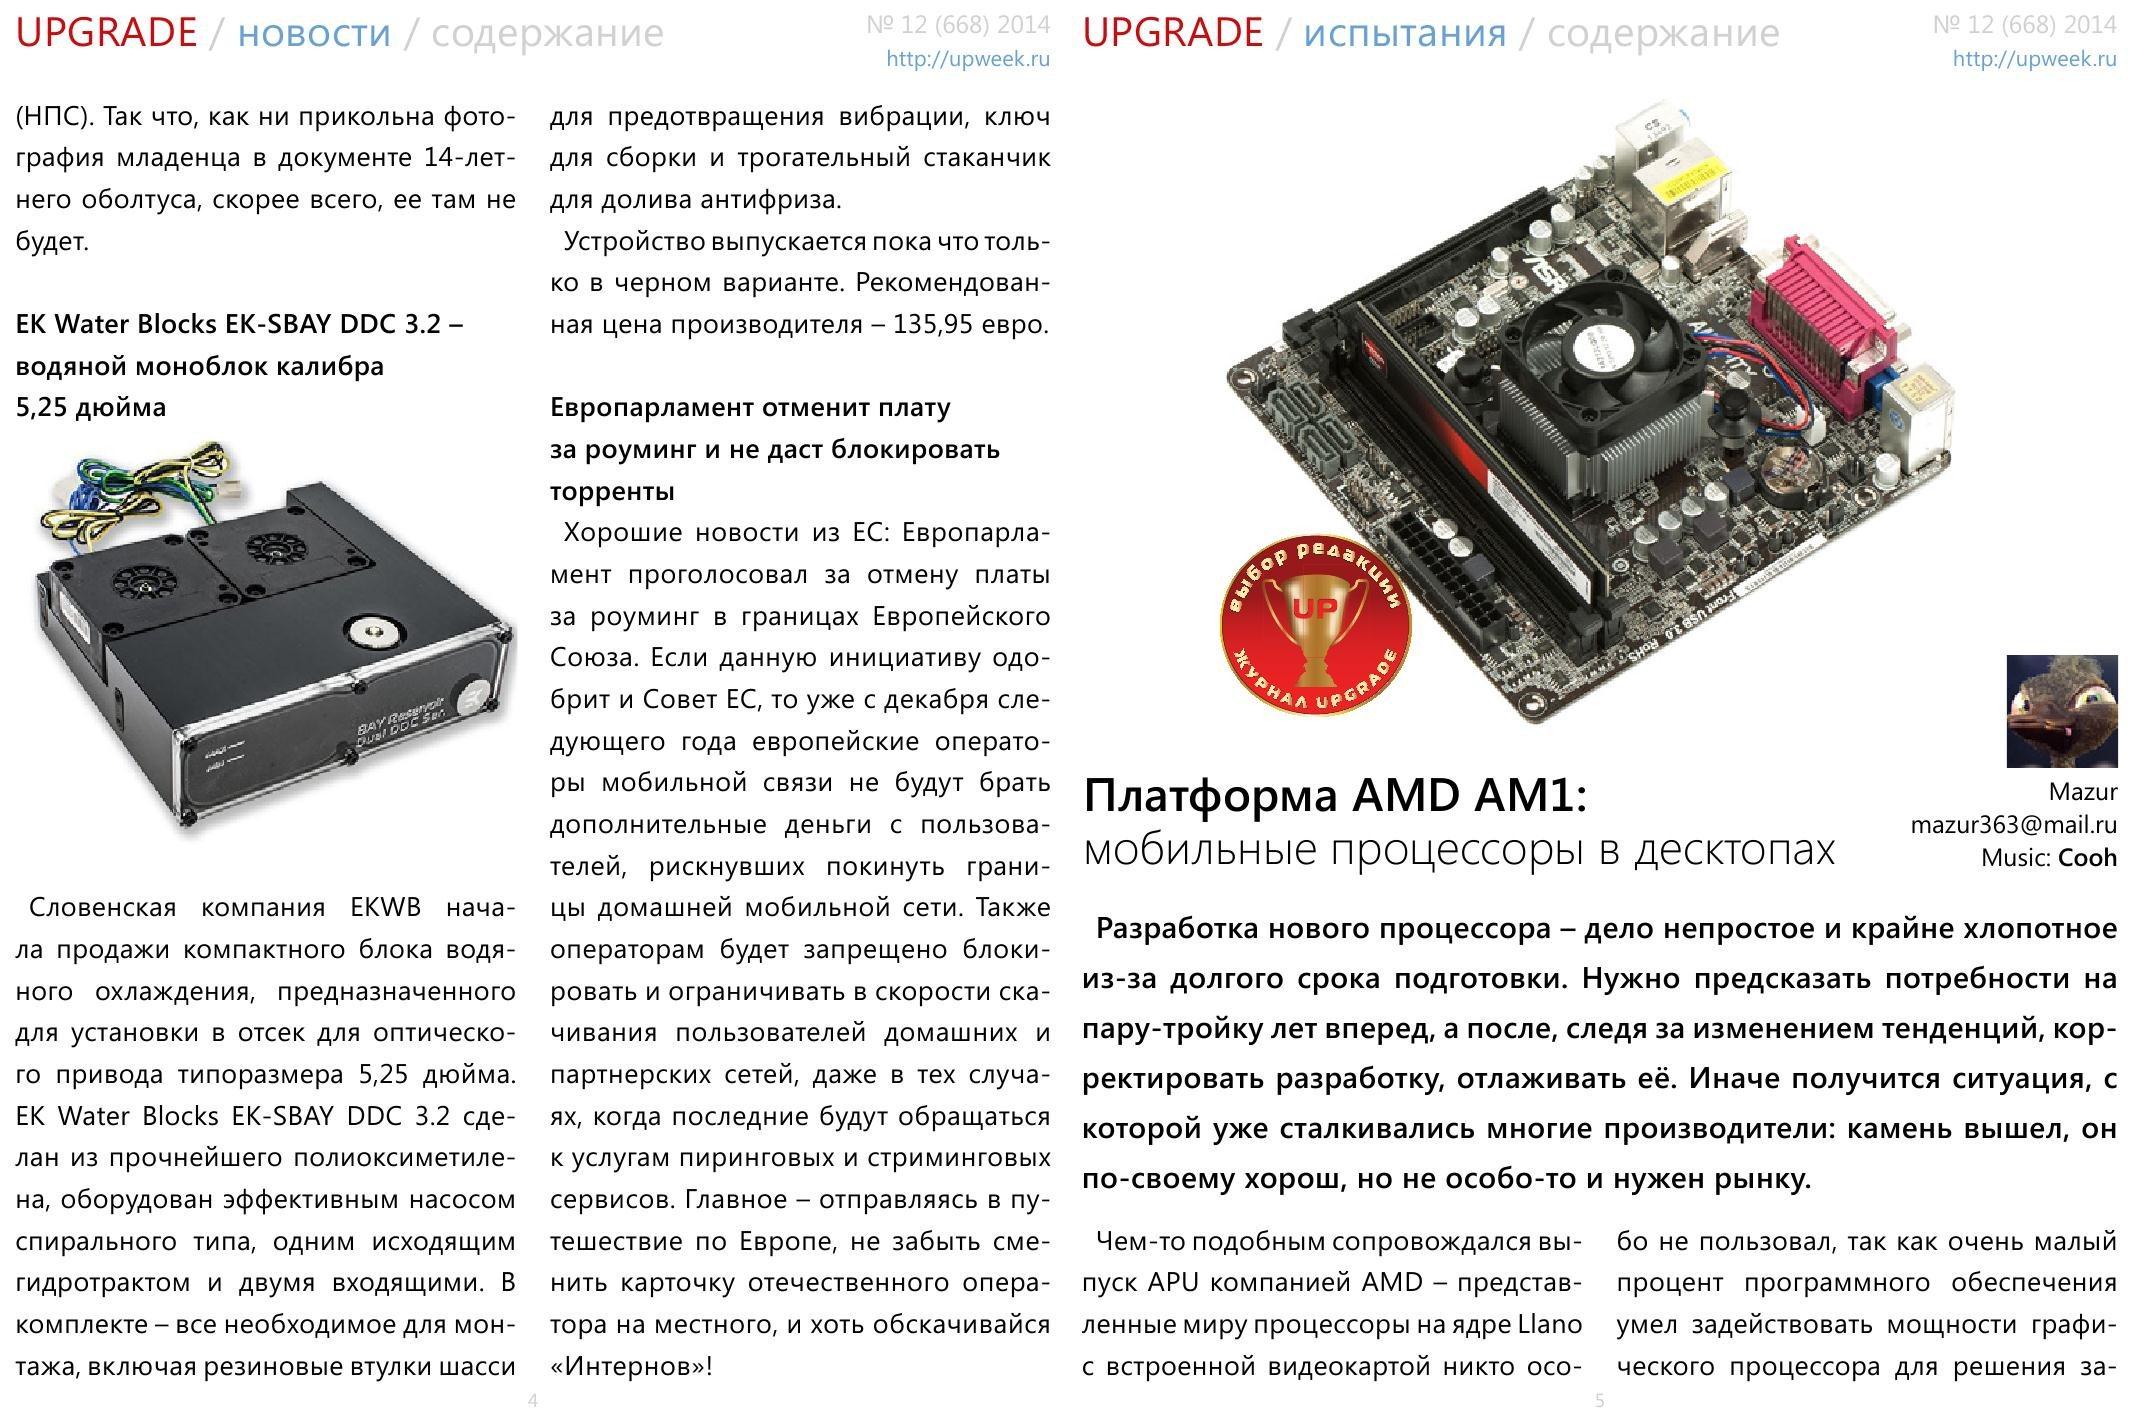 UPgrade №12 (668) (апрель 2014 / Россия) PDF